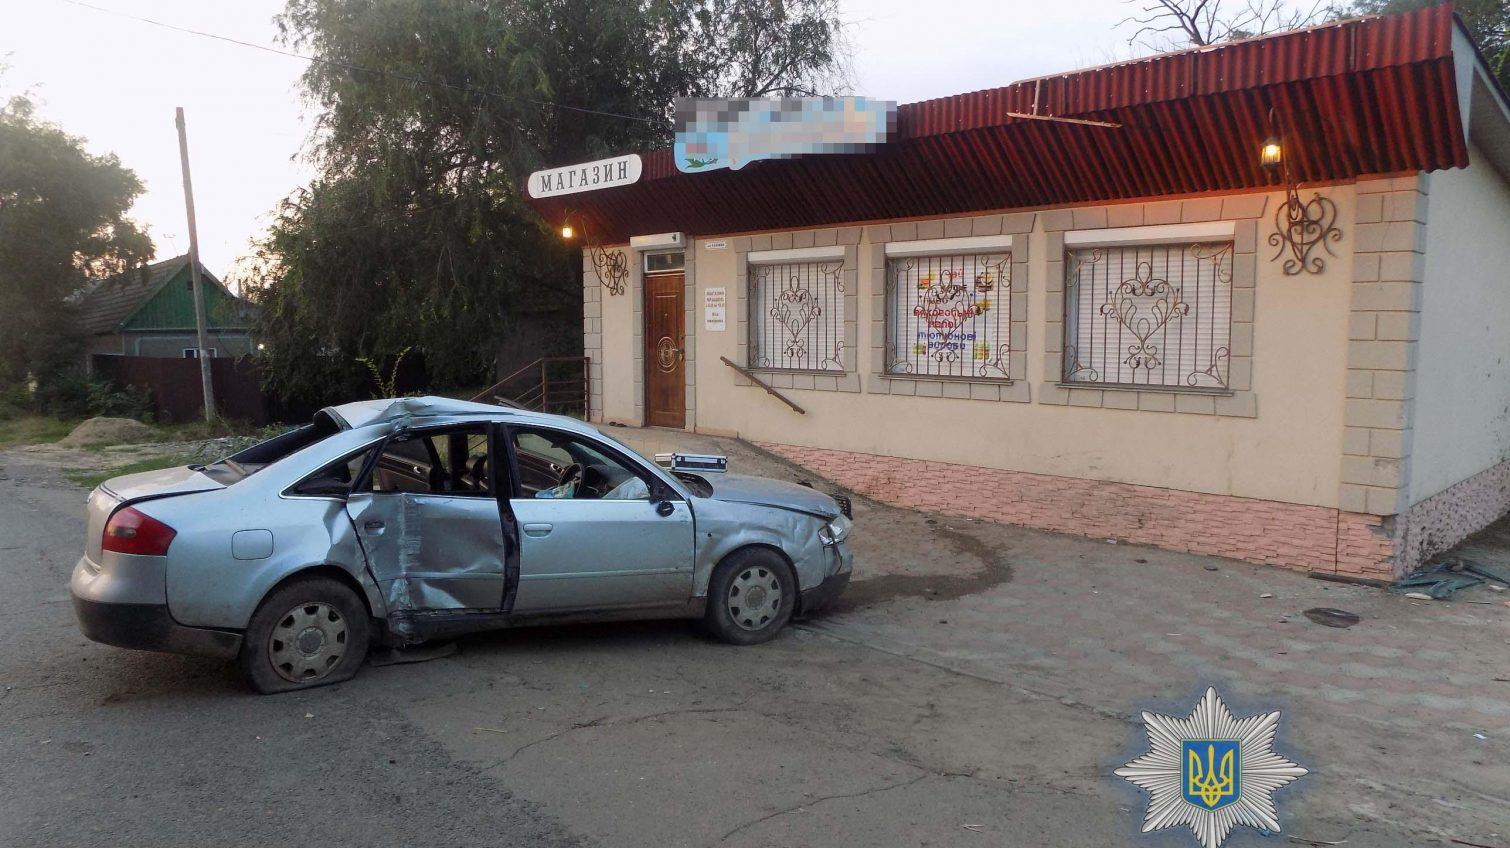 Смертельное ДТП в Одесской области: пассажир погиб, а водитель сбежал «фото»